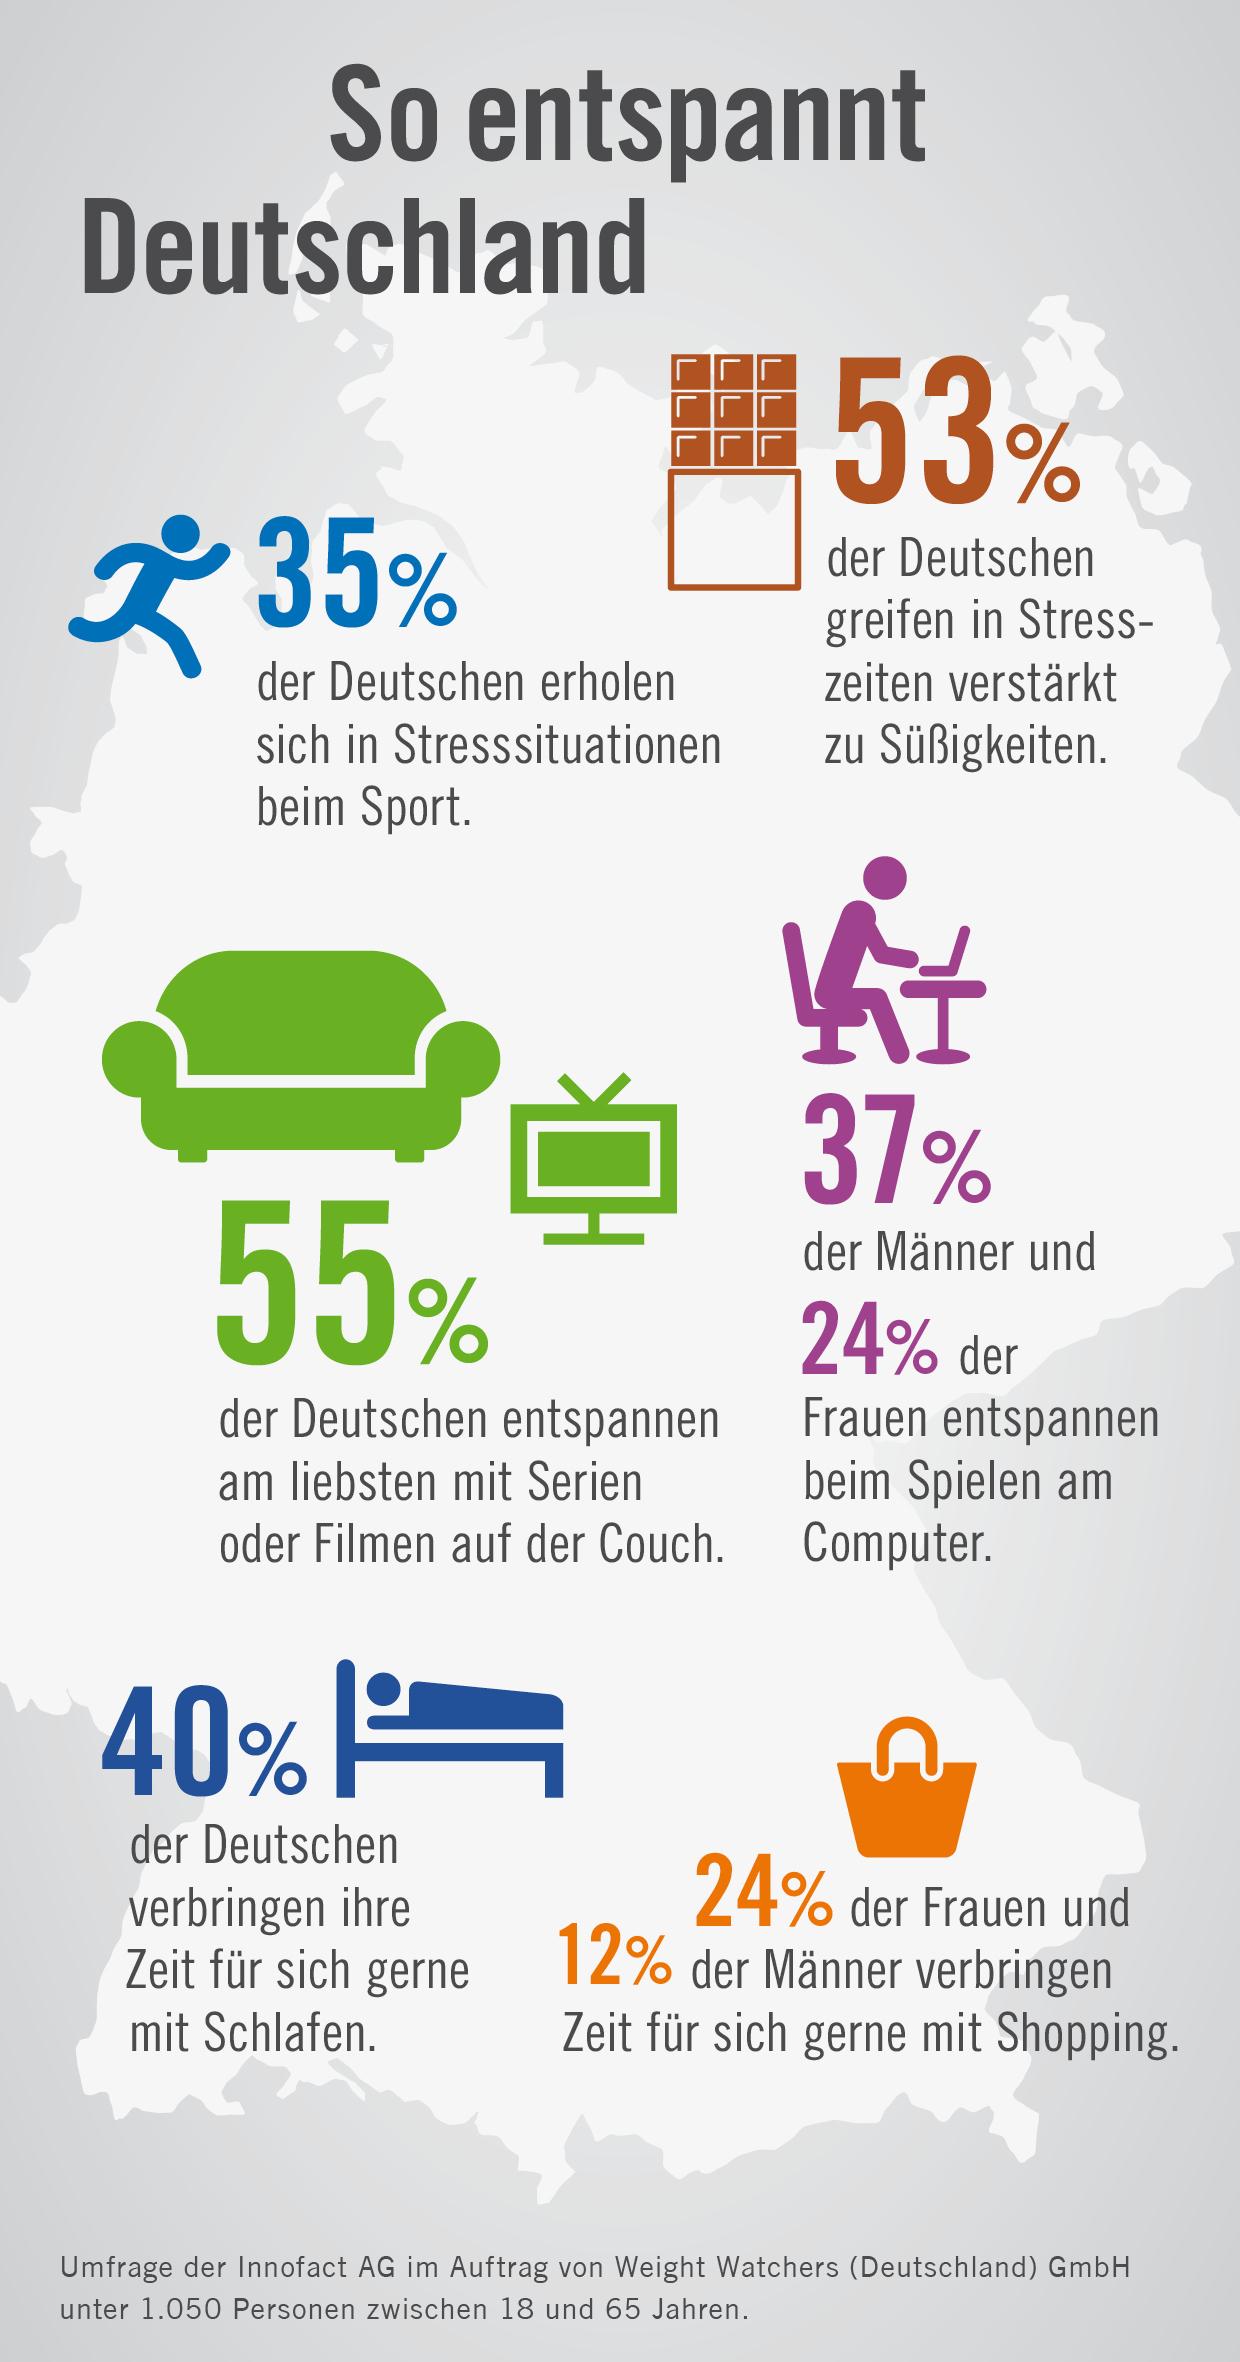 die beliebtesten mittel gegen stress sofa schokolade und sport so entspannt deutschland. Black Bedroom Furniture Sets. Home Design Ideas